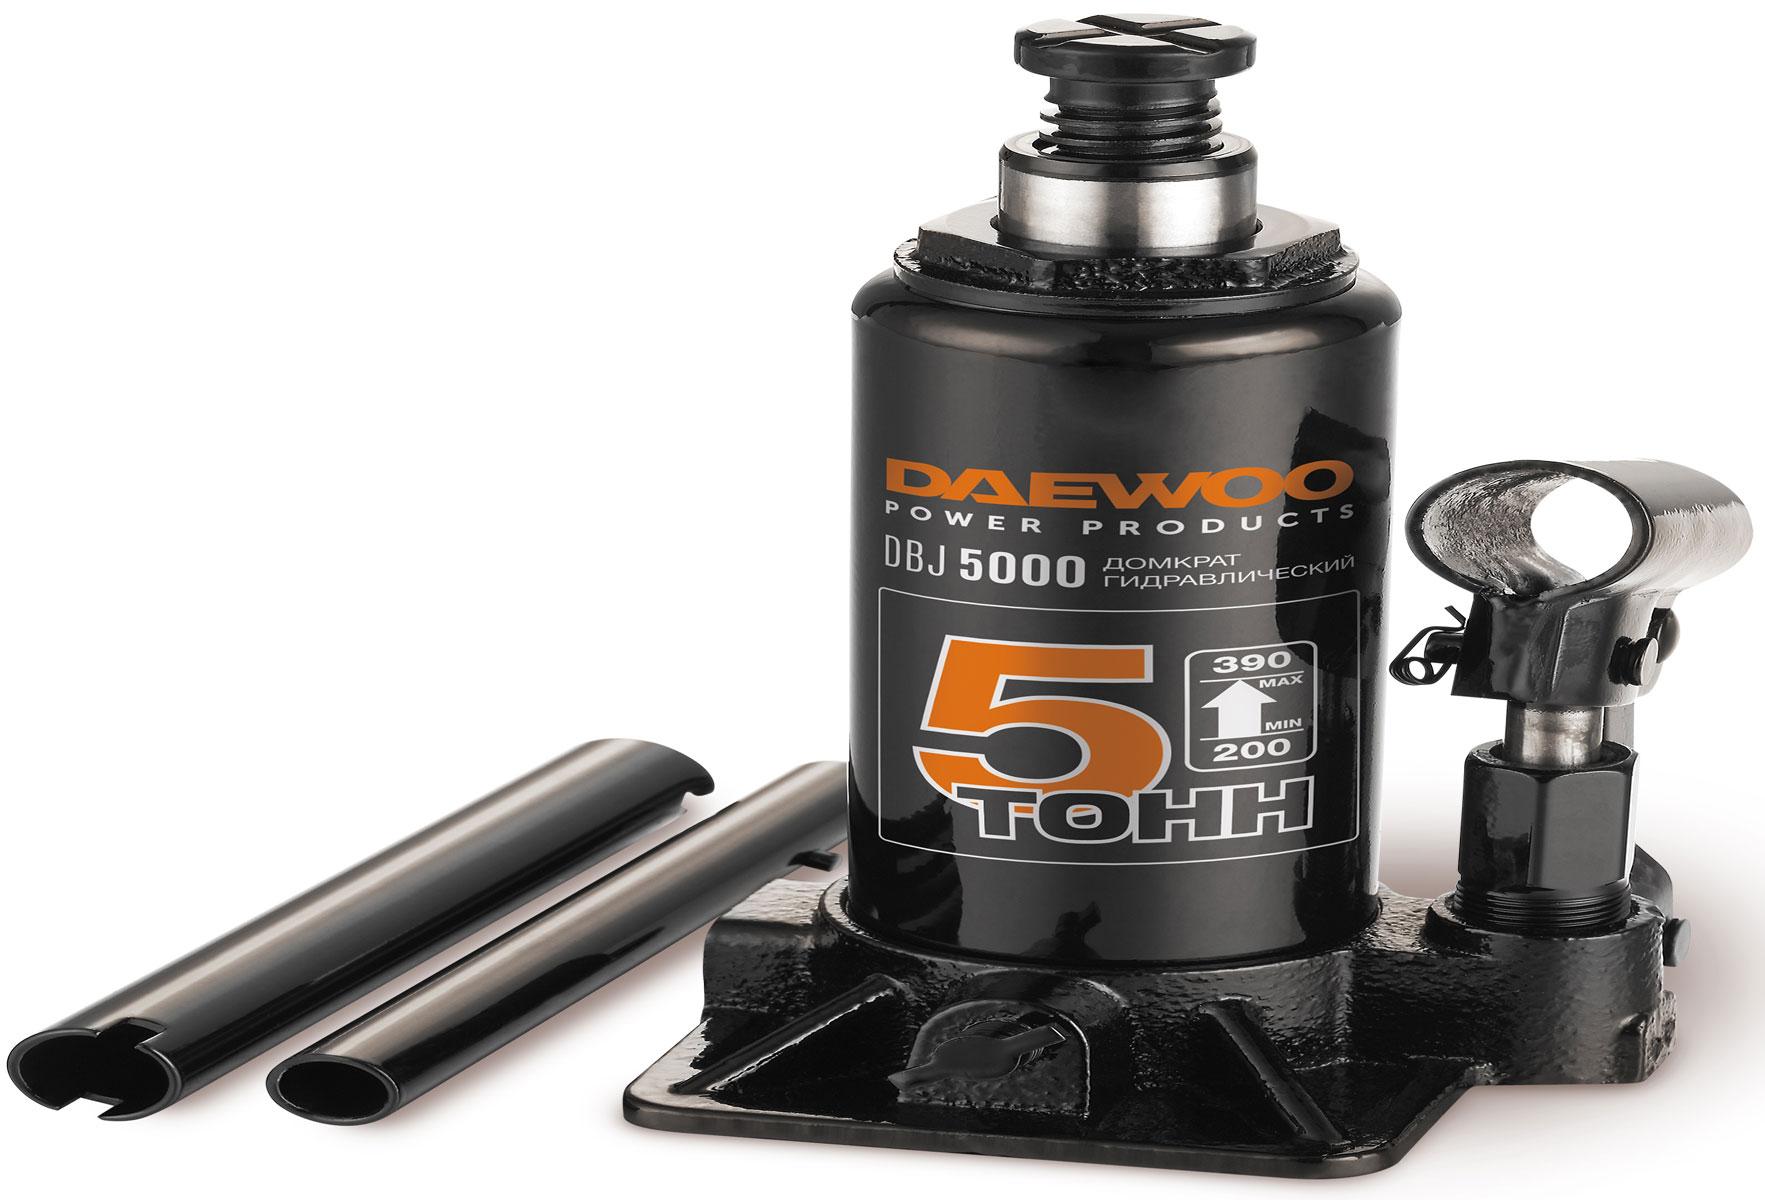 Домкрат бутылочный Daewoo, 5 тDBJ5000Домкрат гидравлический бутылочный.Грузоподъёмность 5тВысота подхвата 200 ммХод штока 125 ммХод выдвижного винта 60 ммВысота подъёма 390 мм